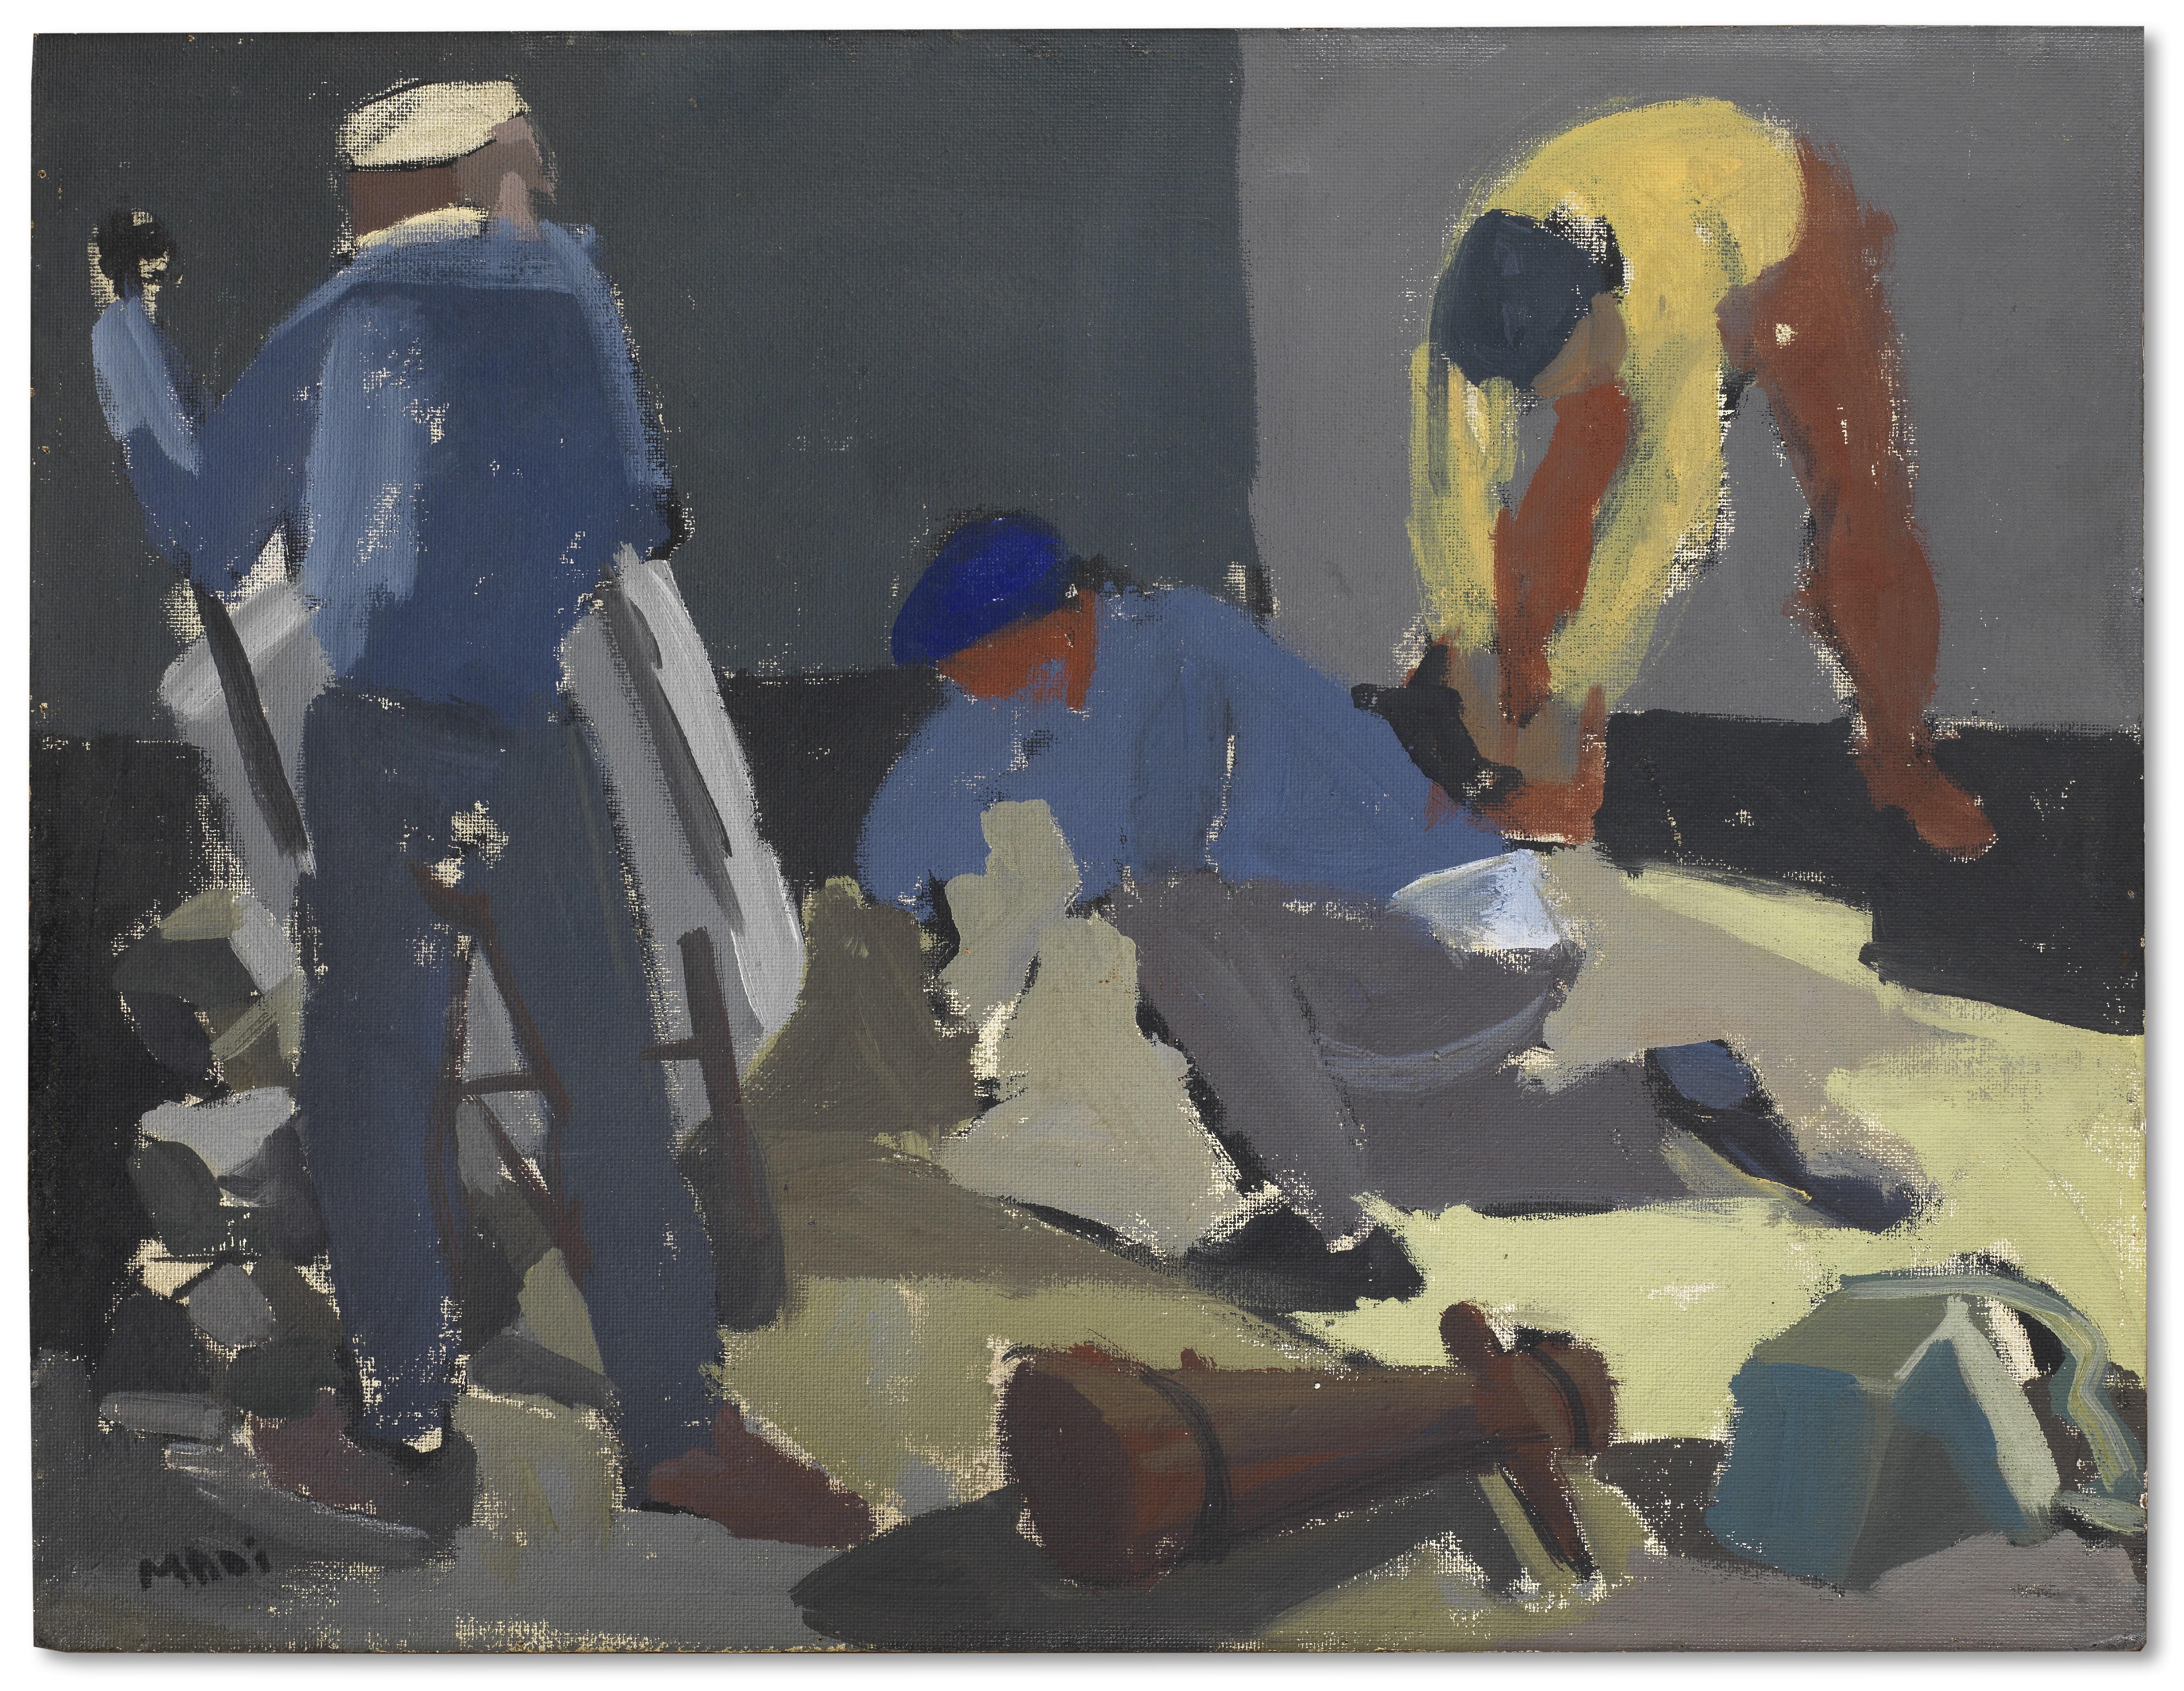 Hussein Madi (Lebanon, born 1938) The Workers